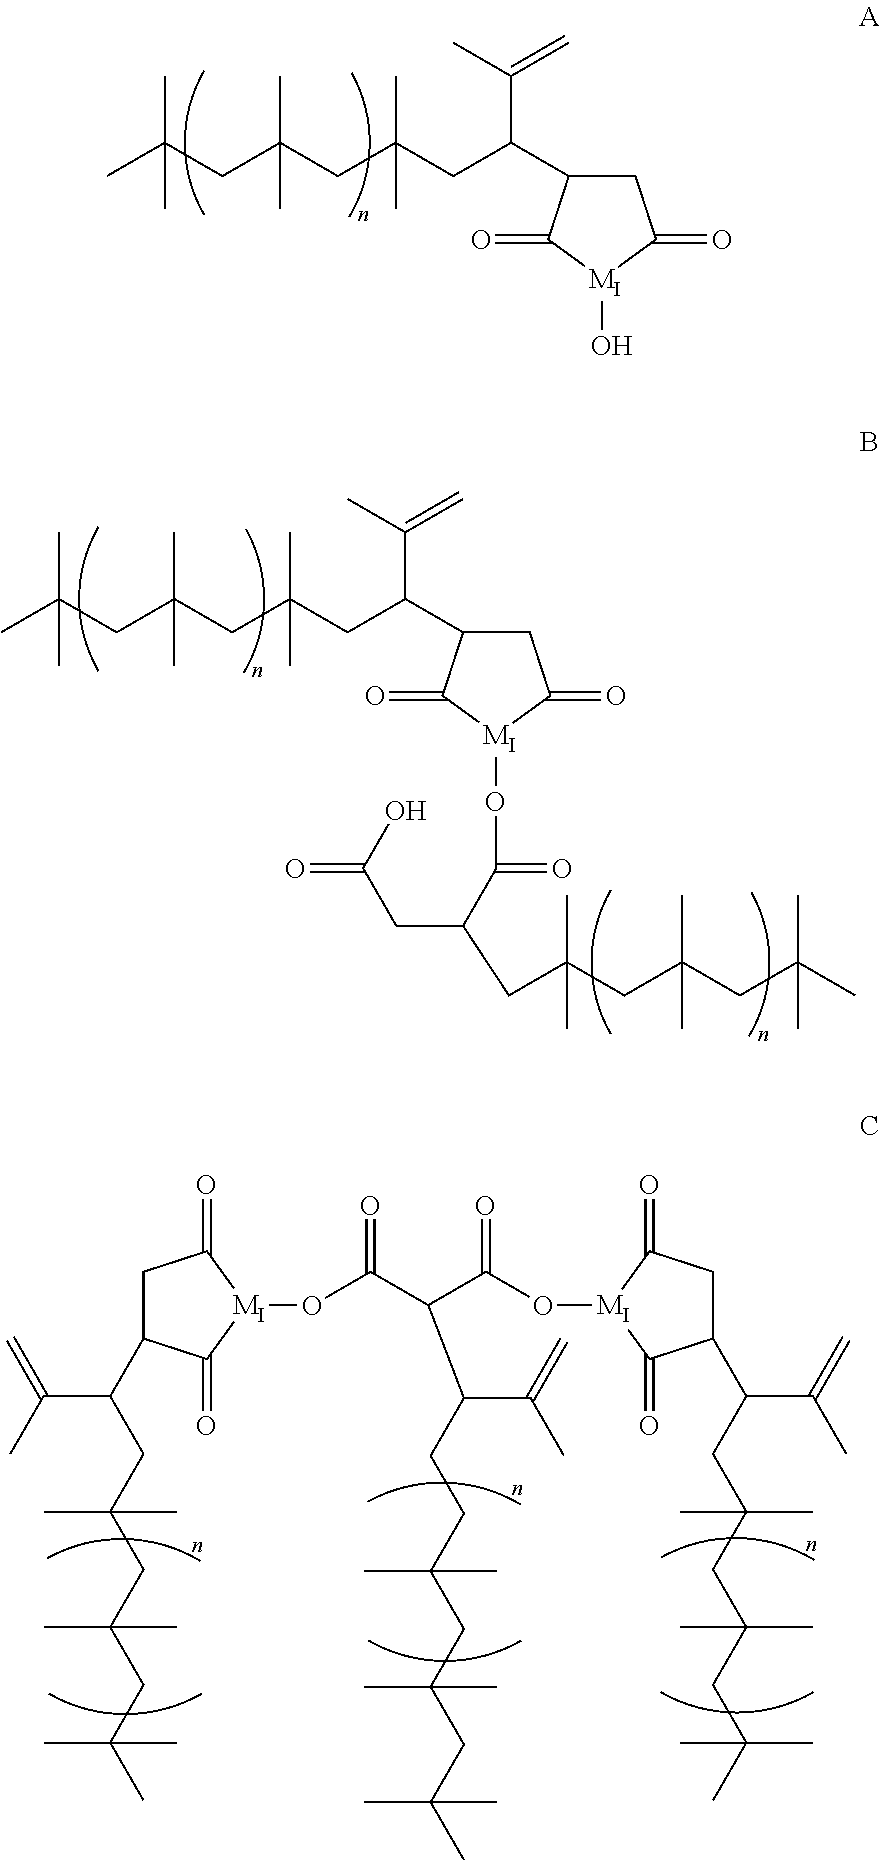 Figure US20110098378A1-20110428-C00001